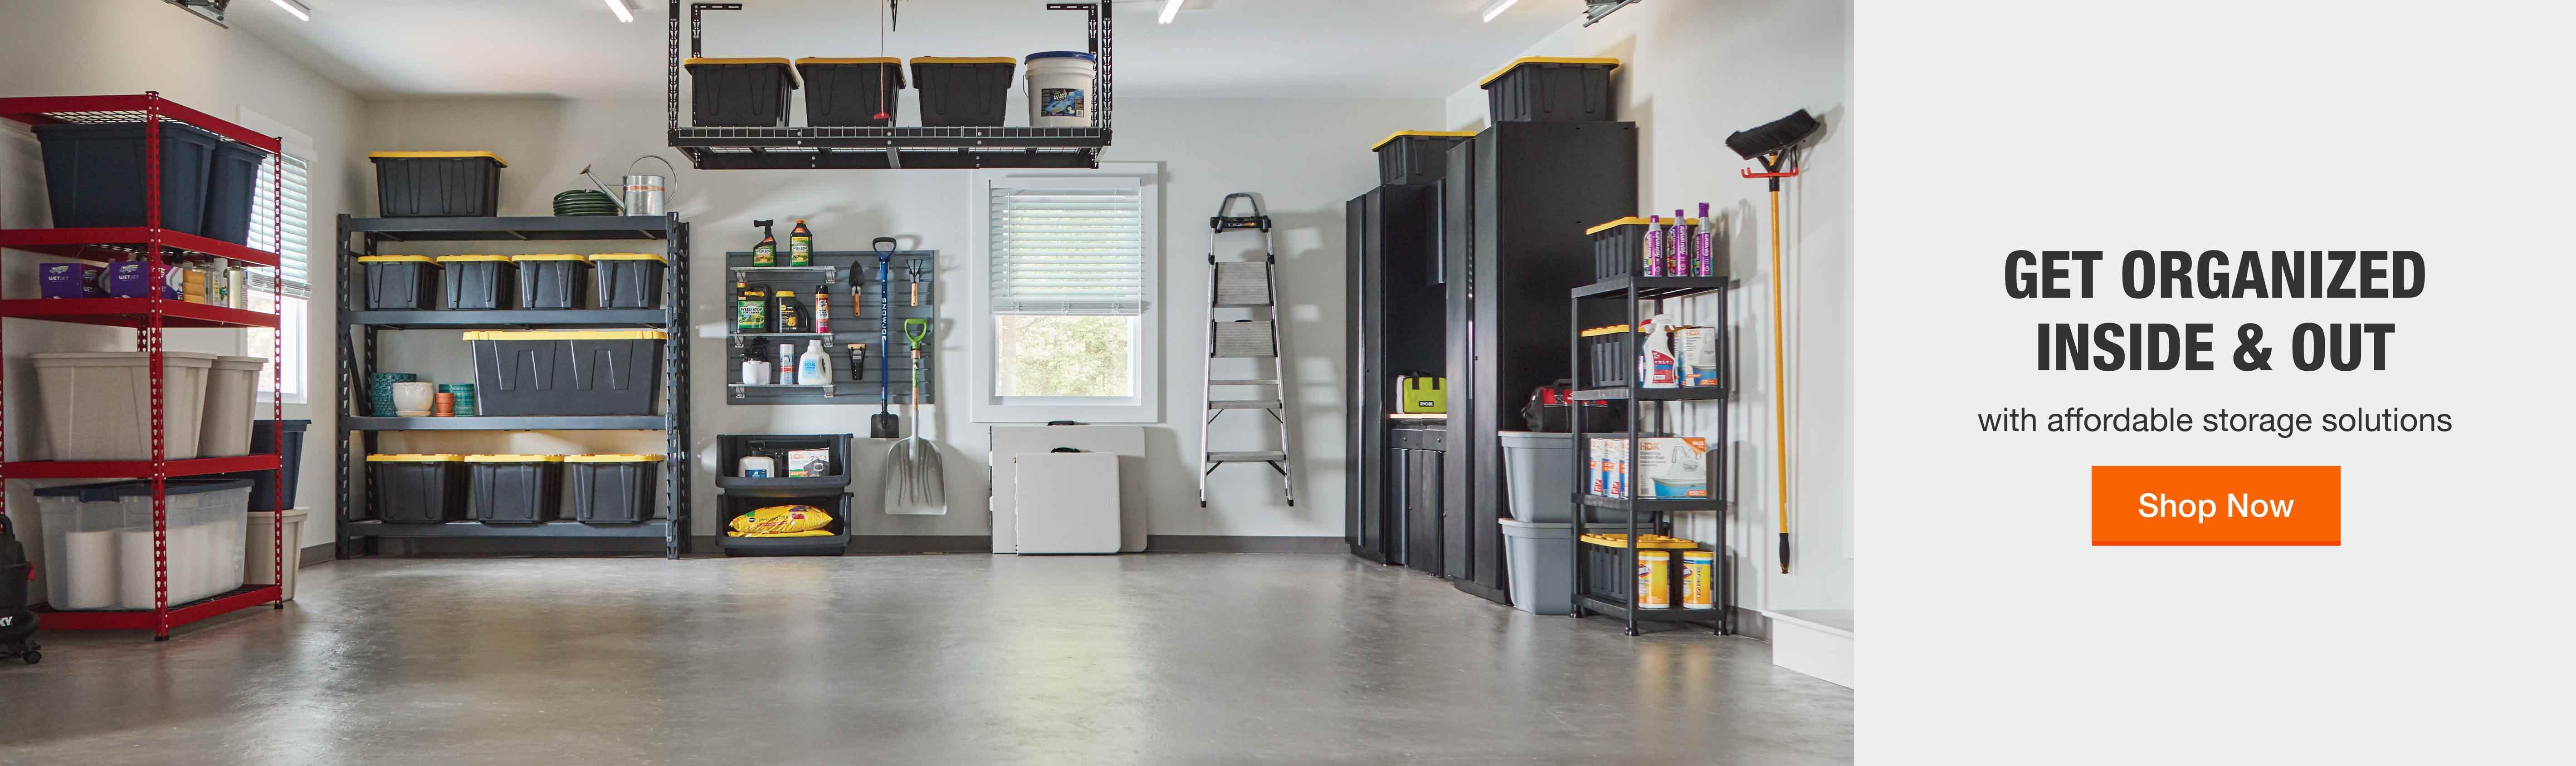 Storage Organization Up To 35 Off